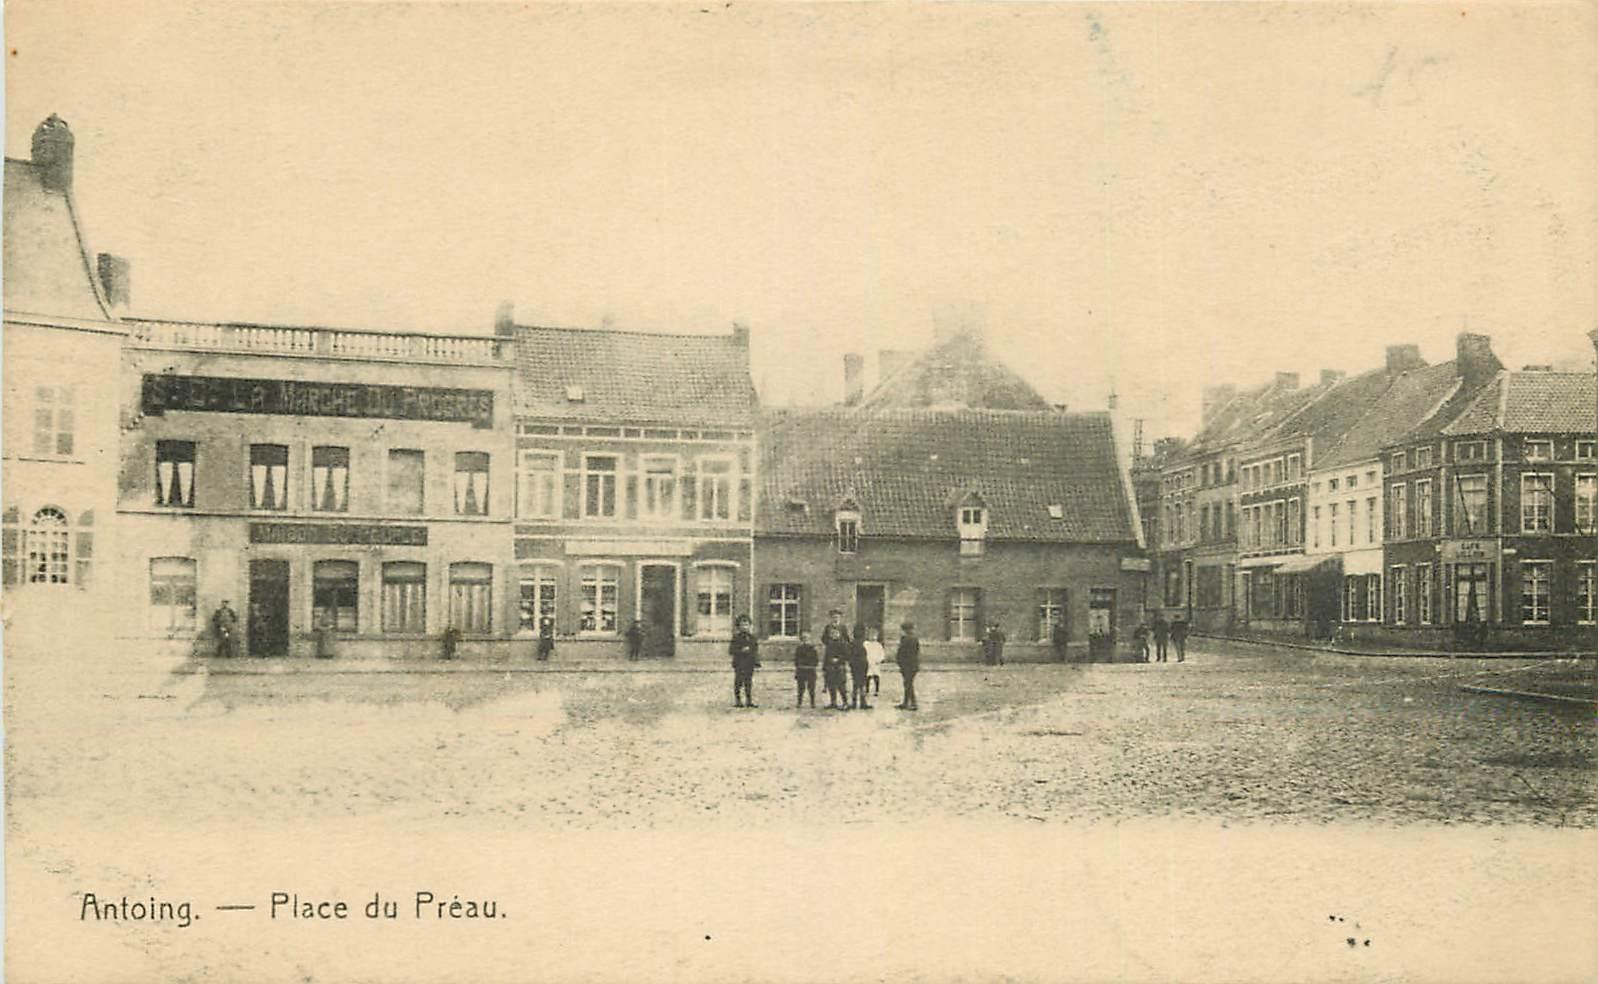 ANTOING. Place du Préau